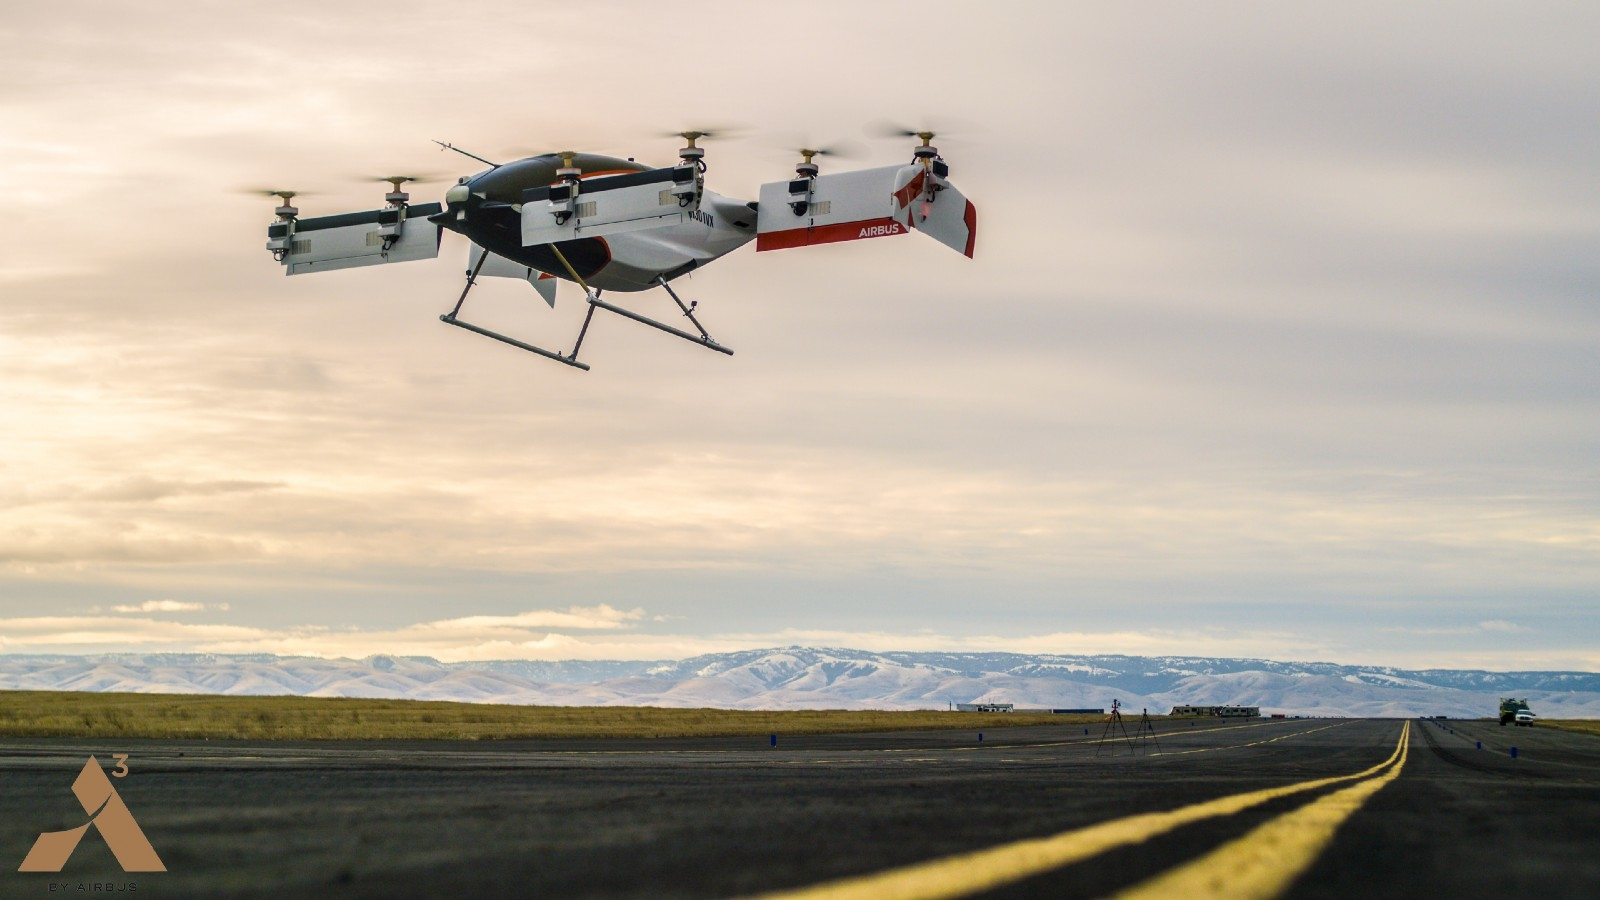 El taxi-dron autónomo de Airbus echa a volar por primera vez